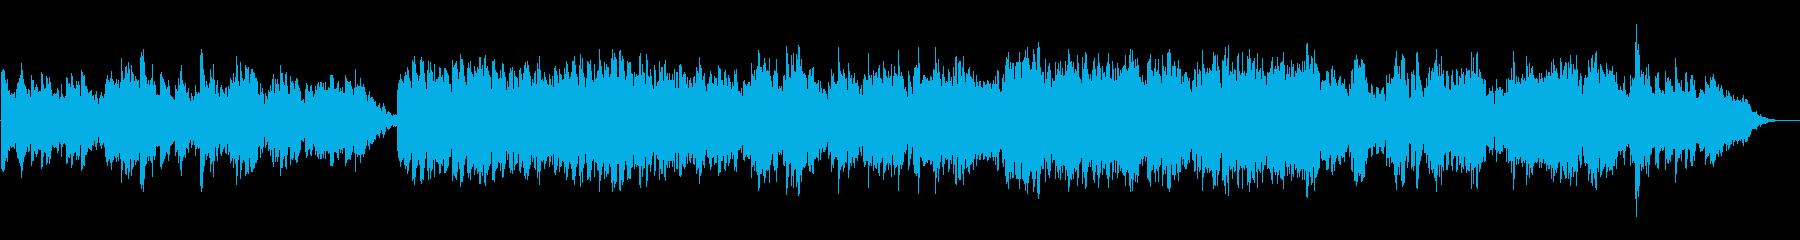 キラキラした懐かしい曲の再生済みの波形